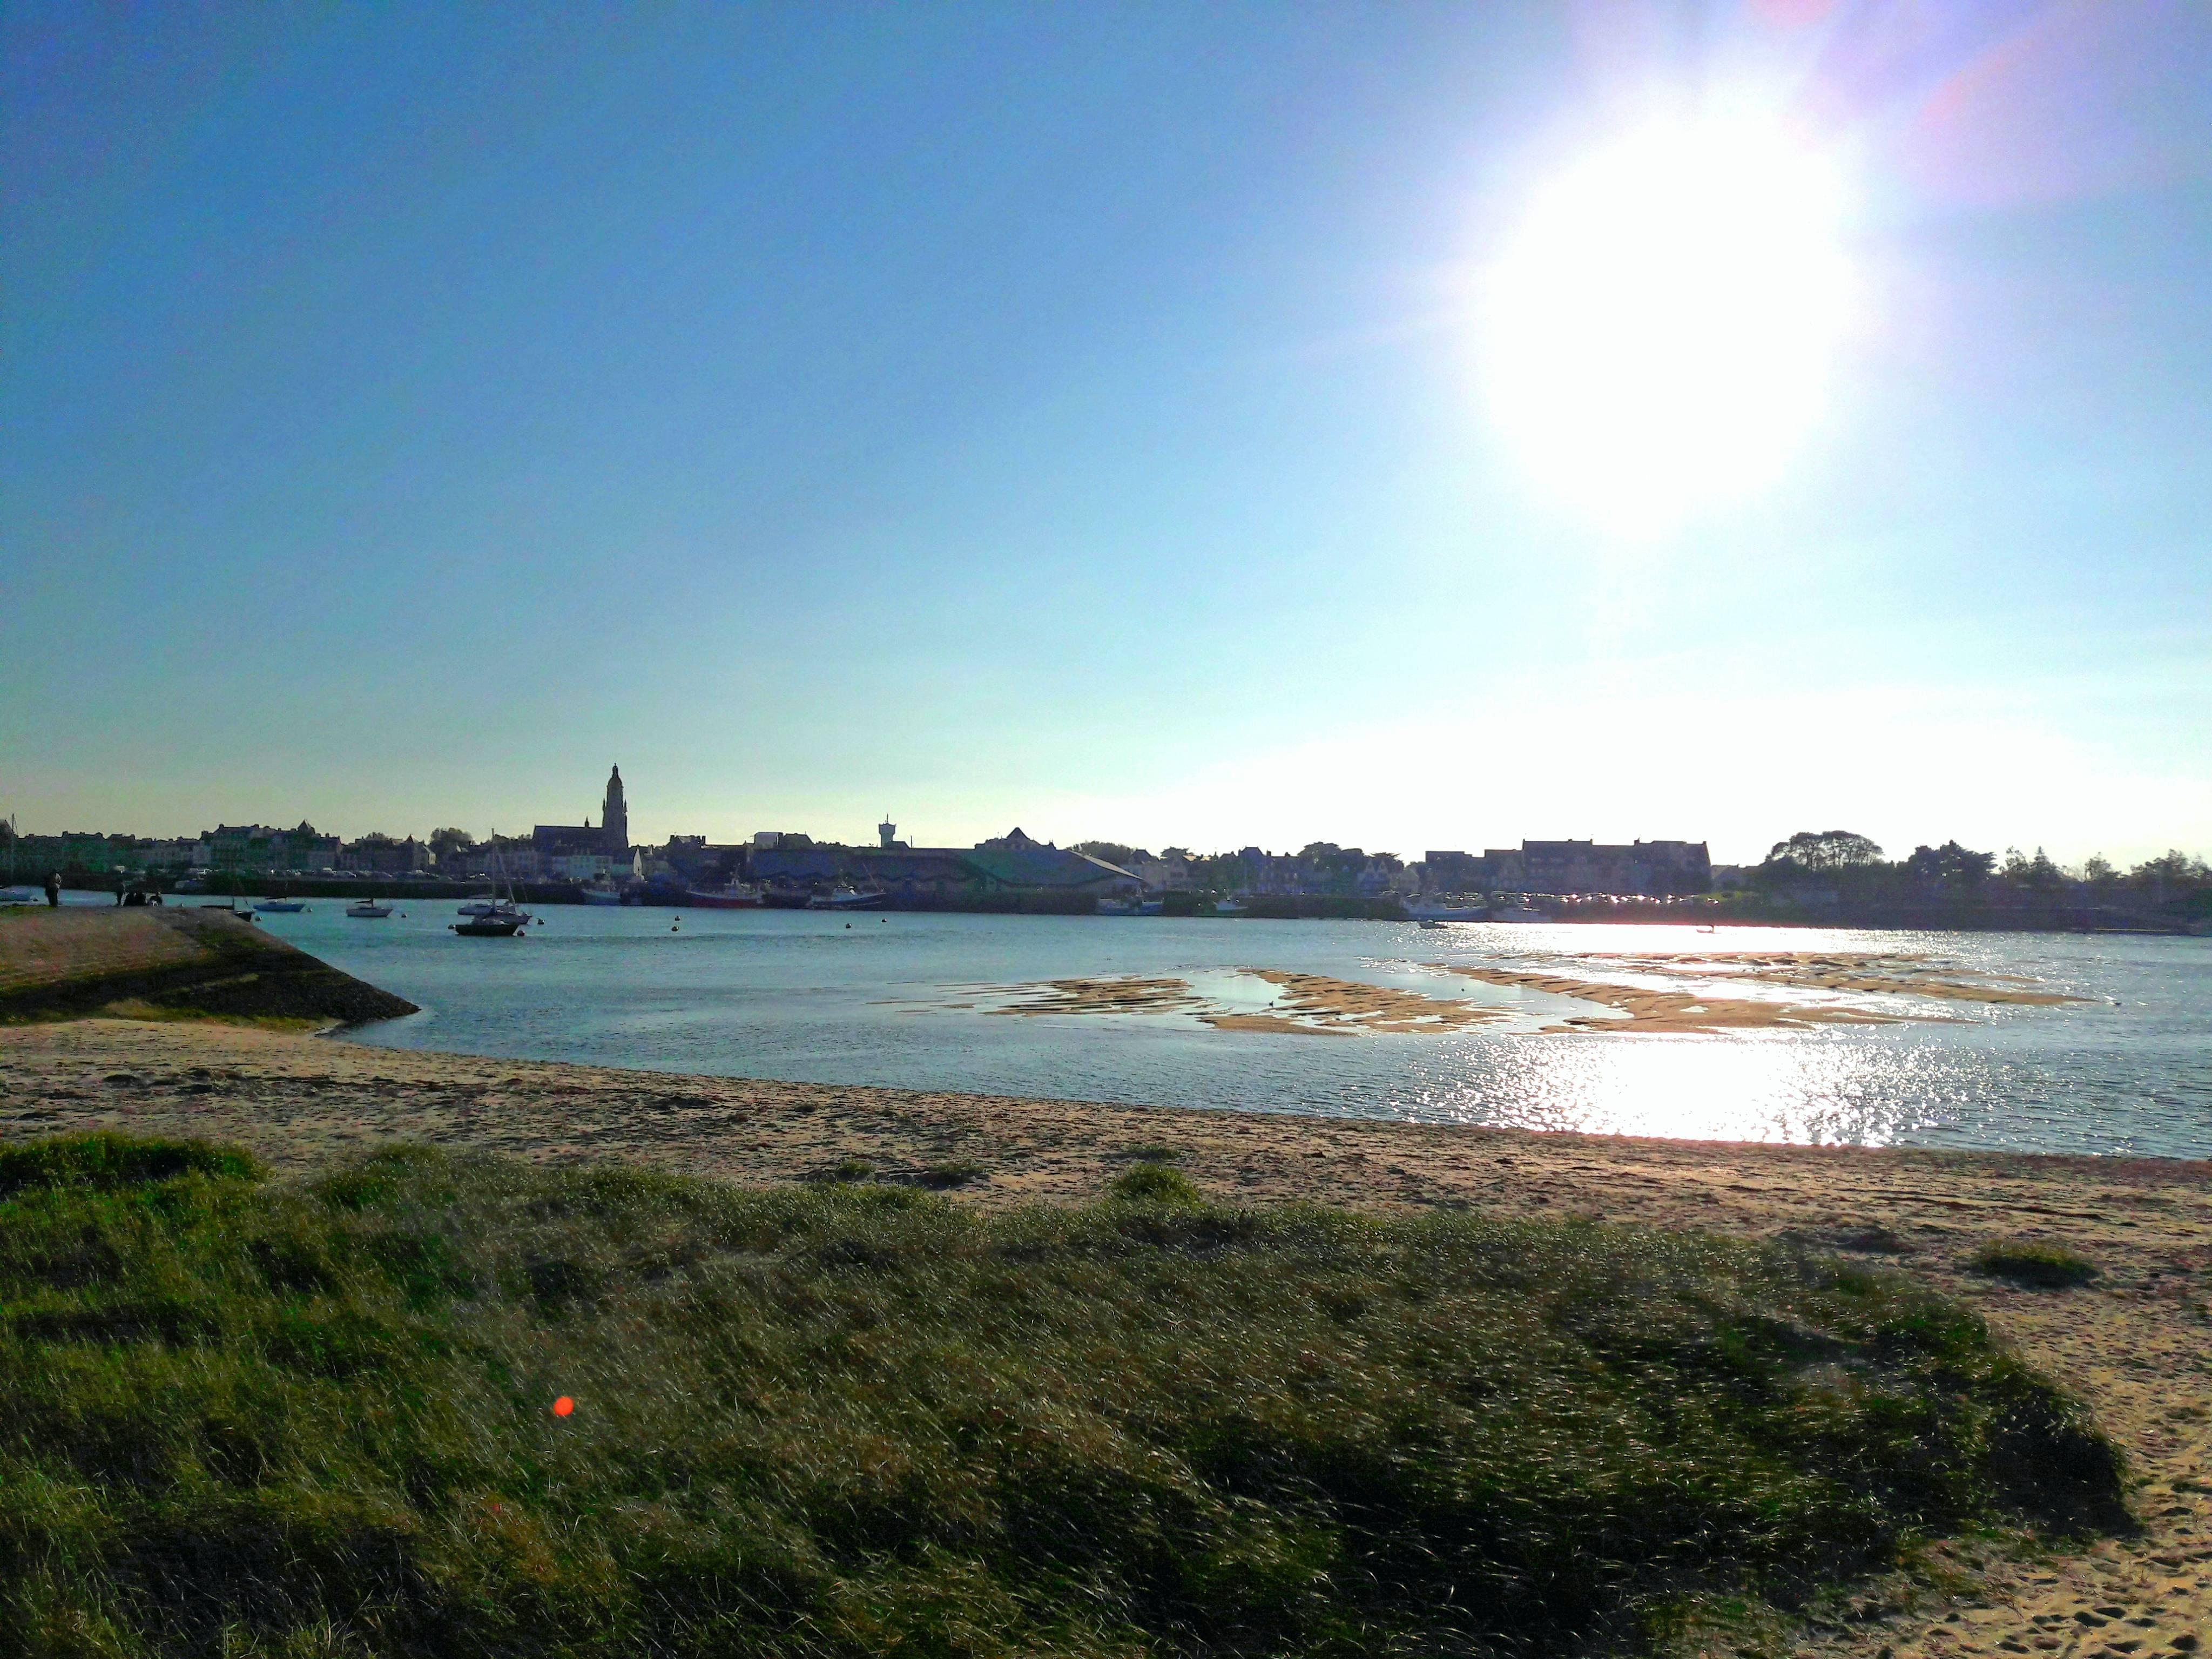 Photo 3: Pointe de Pen-Bron - entre marais et océan